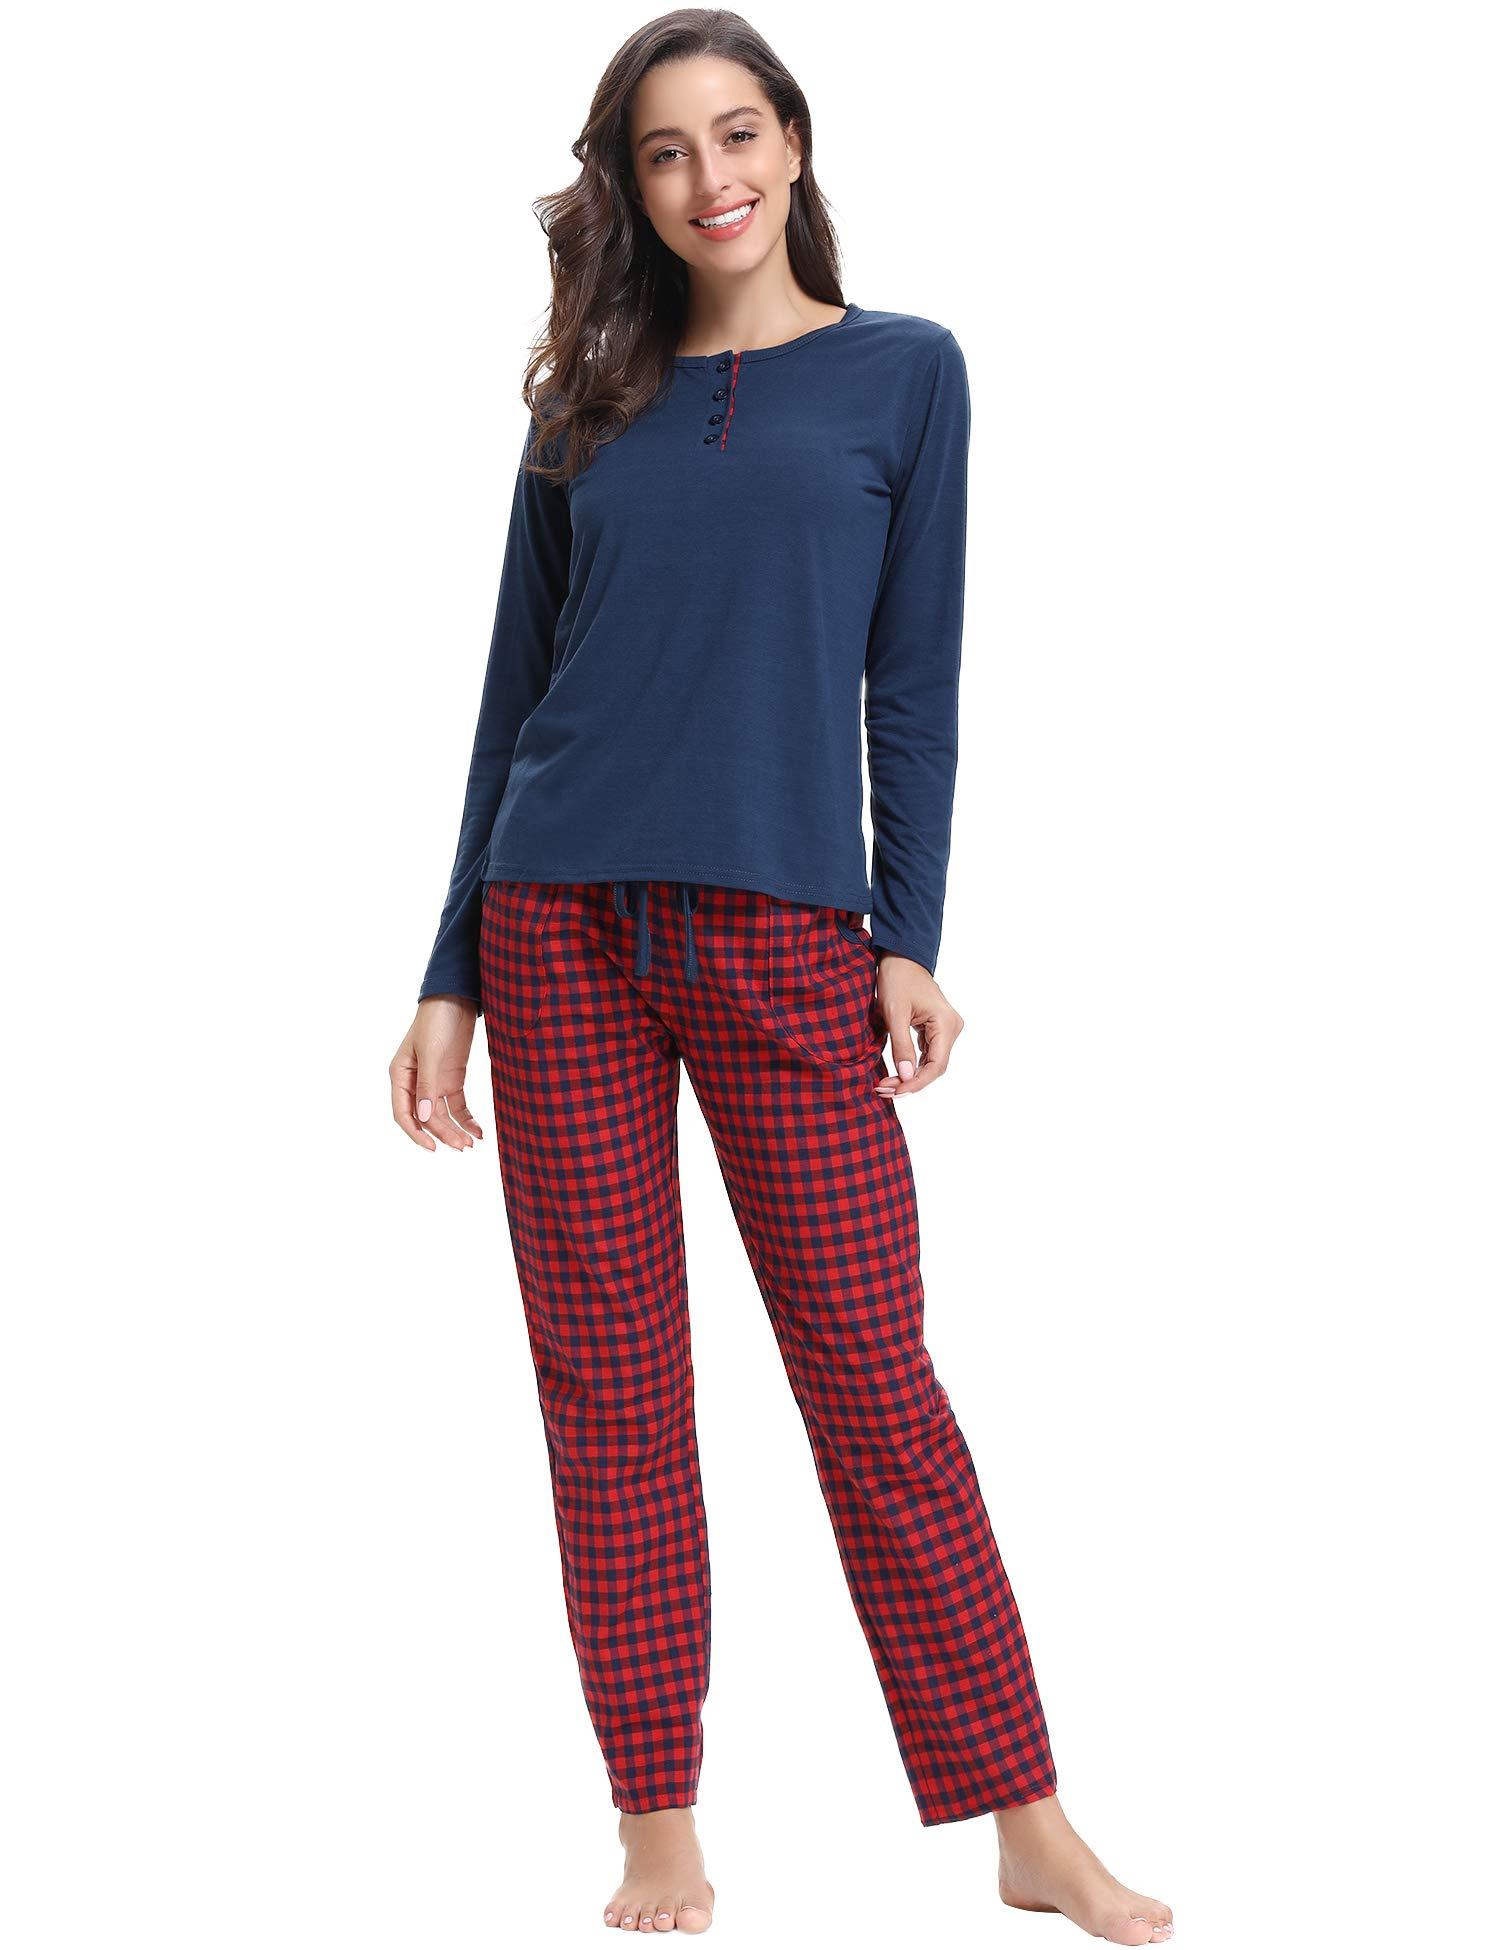 Aibrou Pijamas Mujer Algodon 2 Piezas Conjuntos Sexy e Elegante Manga Pantalon Largos,Suave Comodo